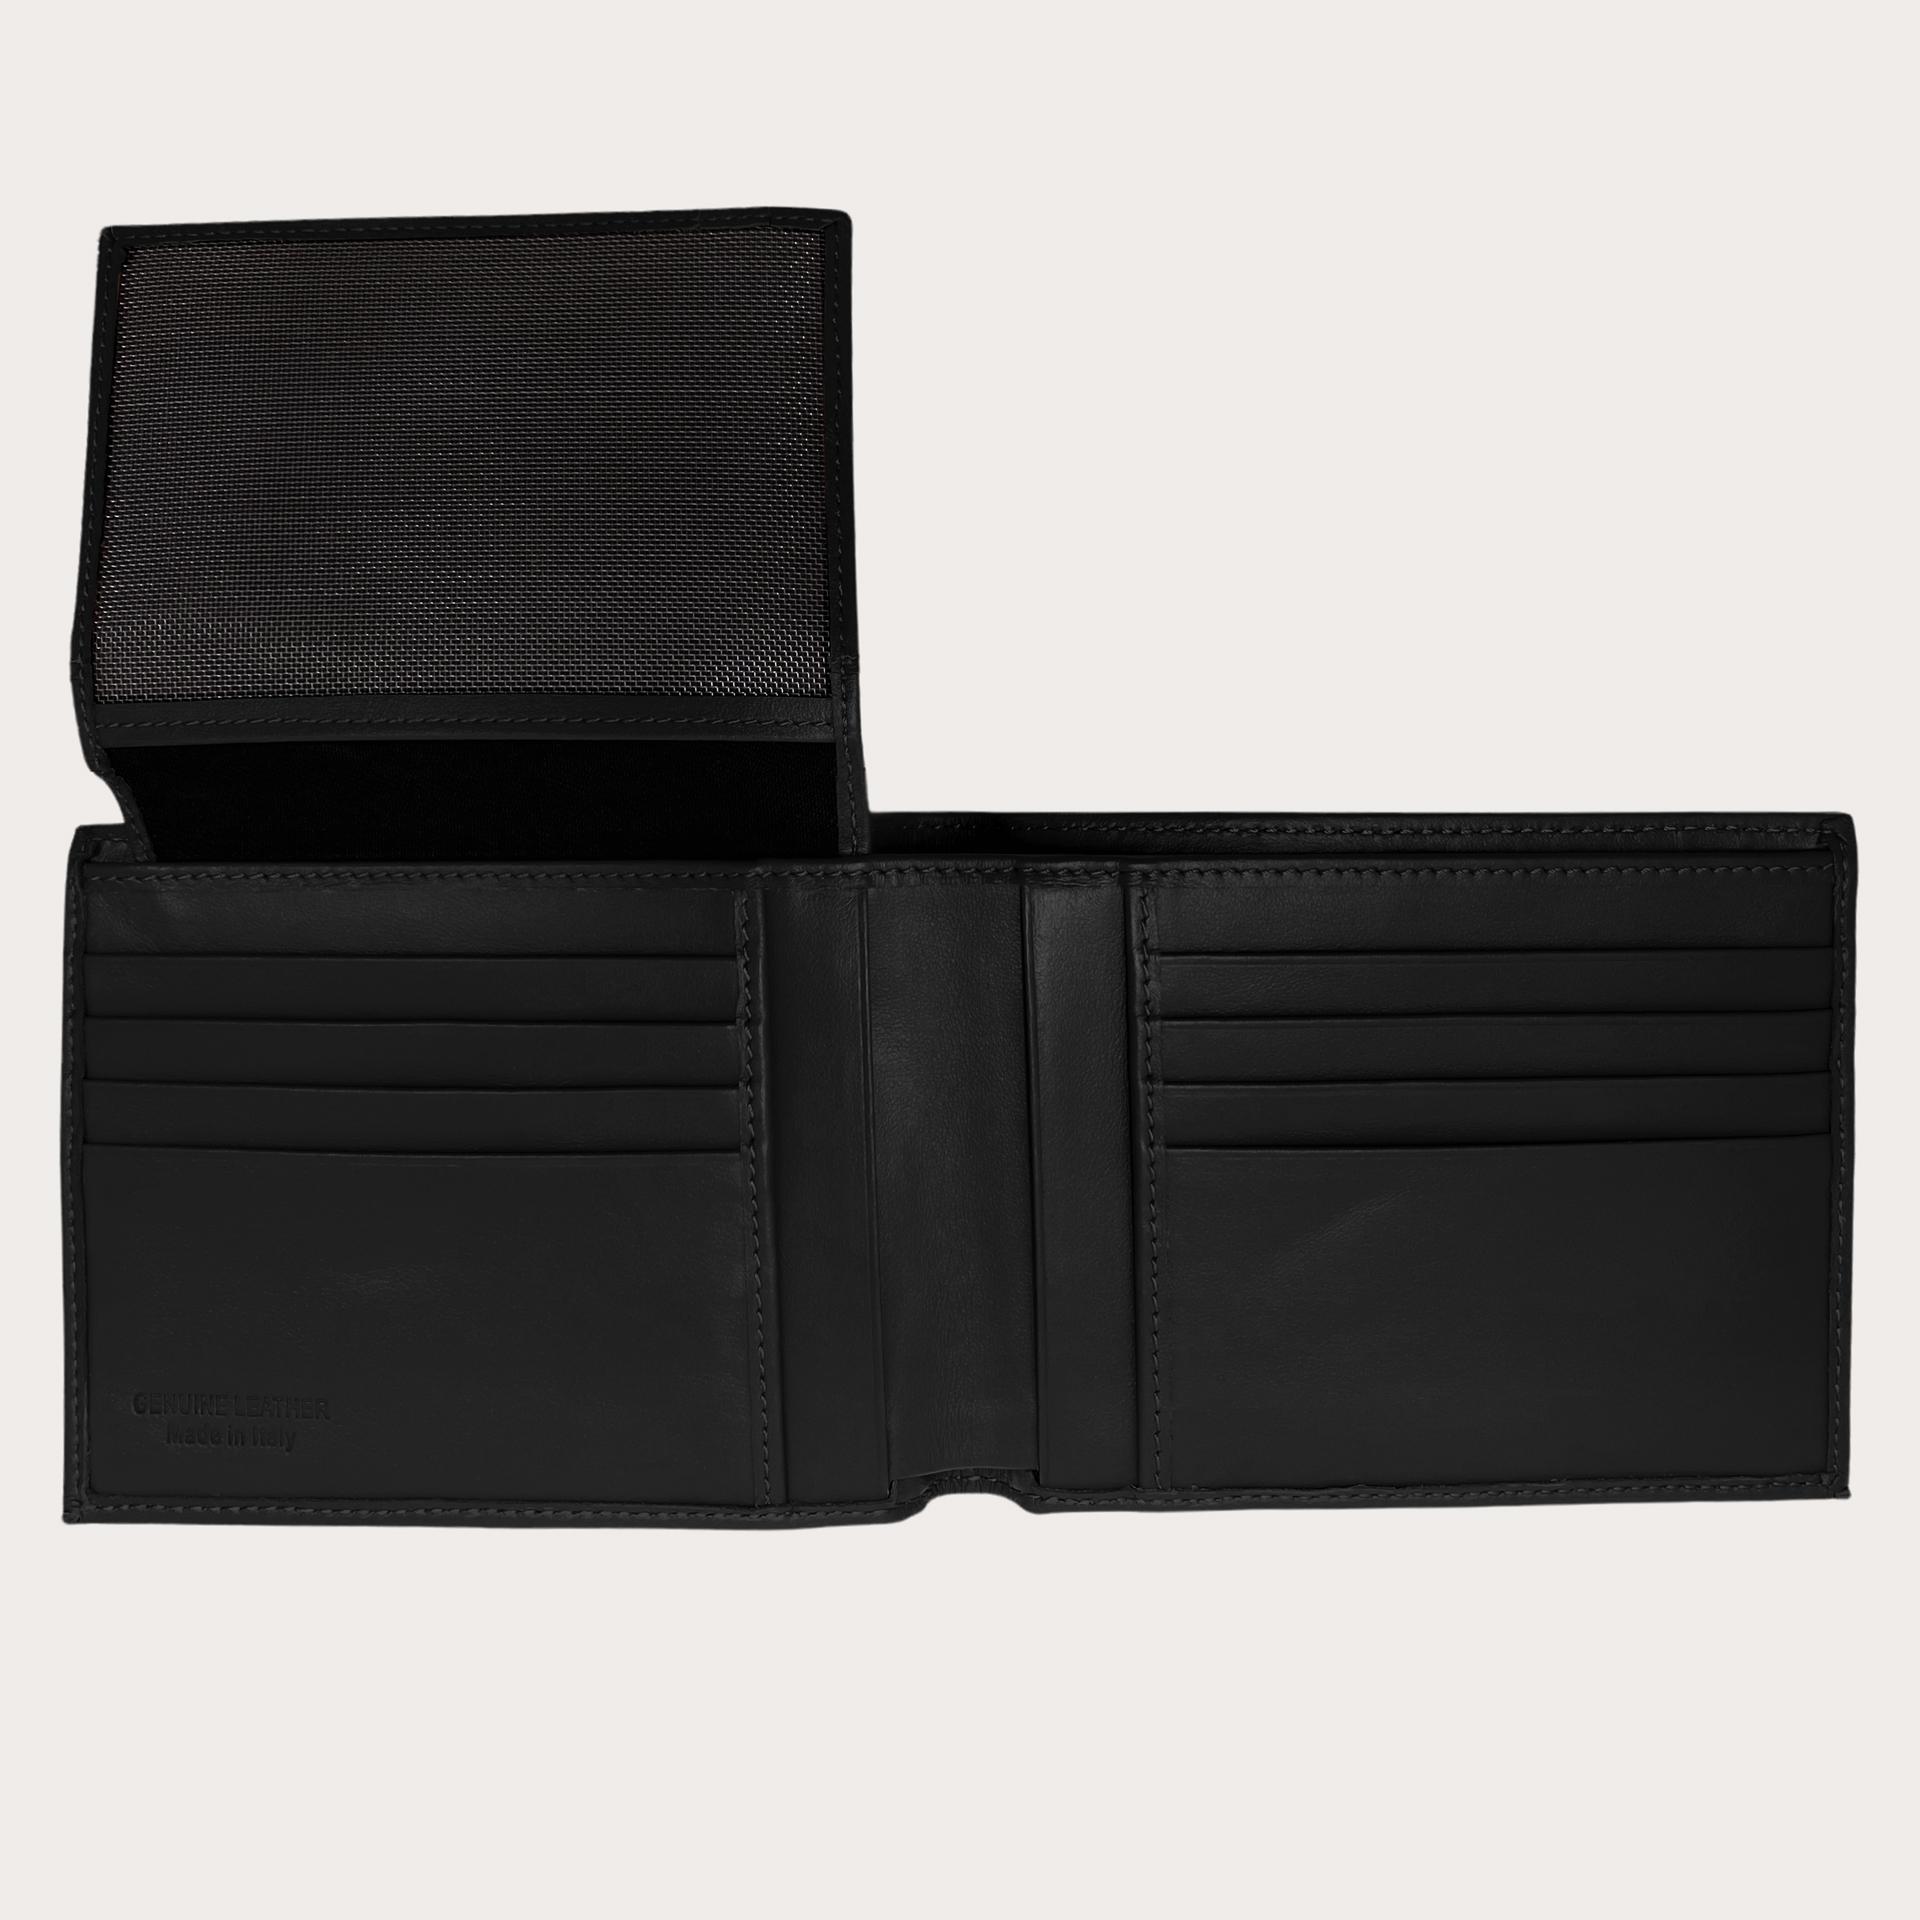 Portefeuille à rabat en cuir saffiano, noire